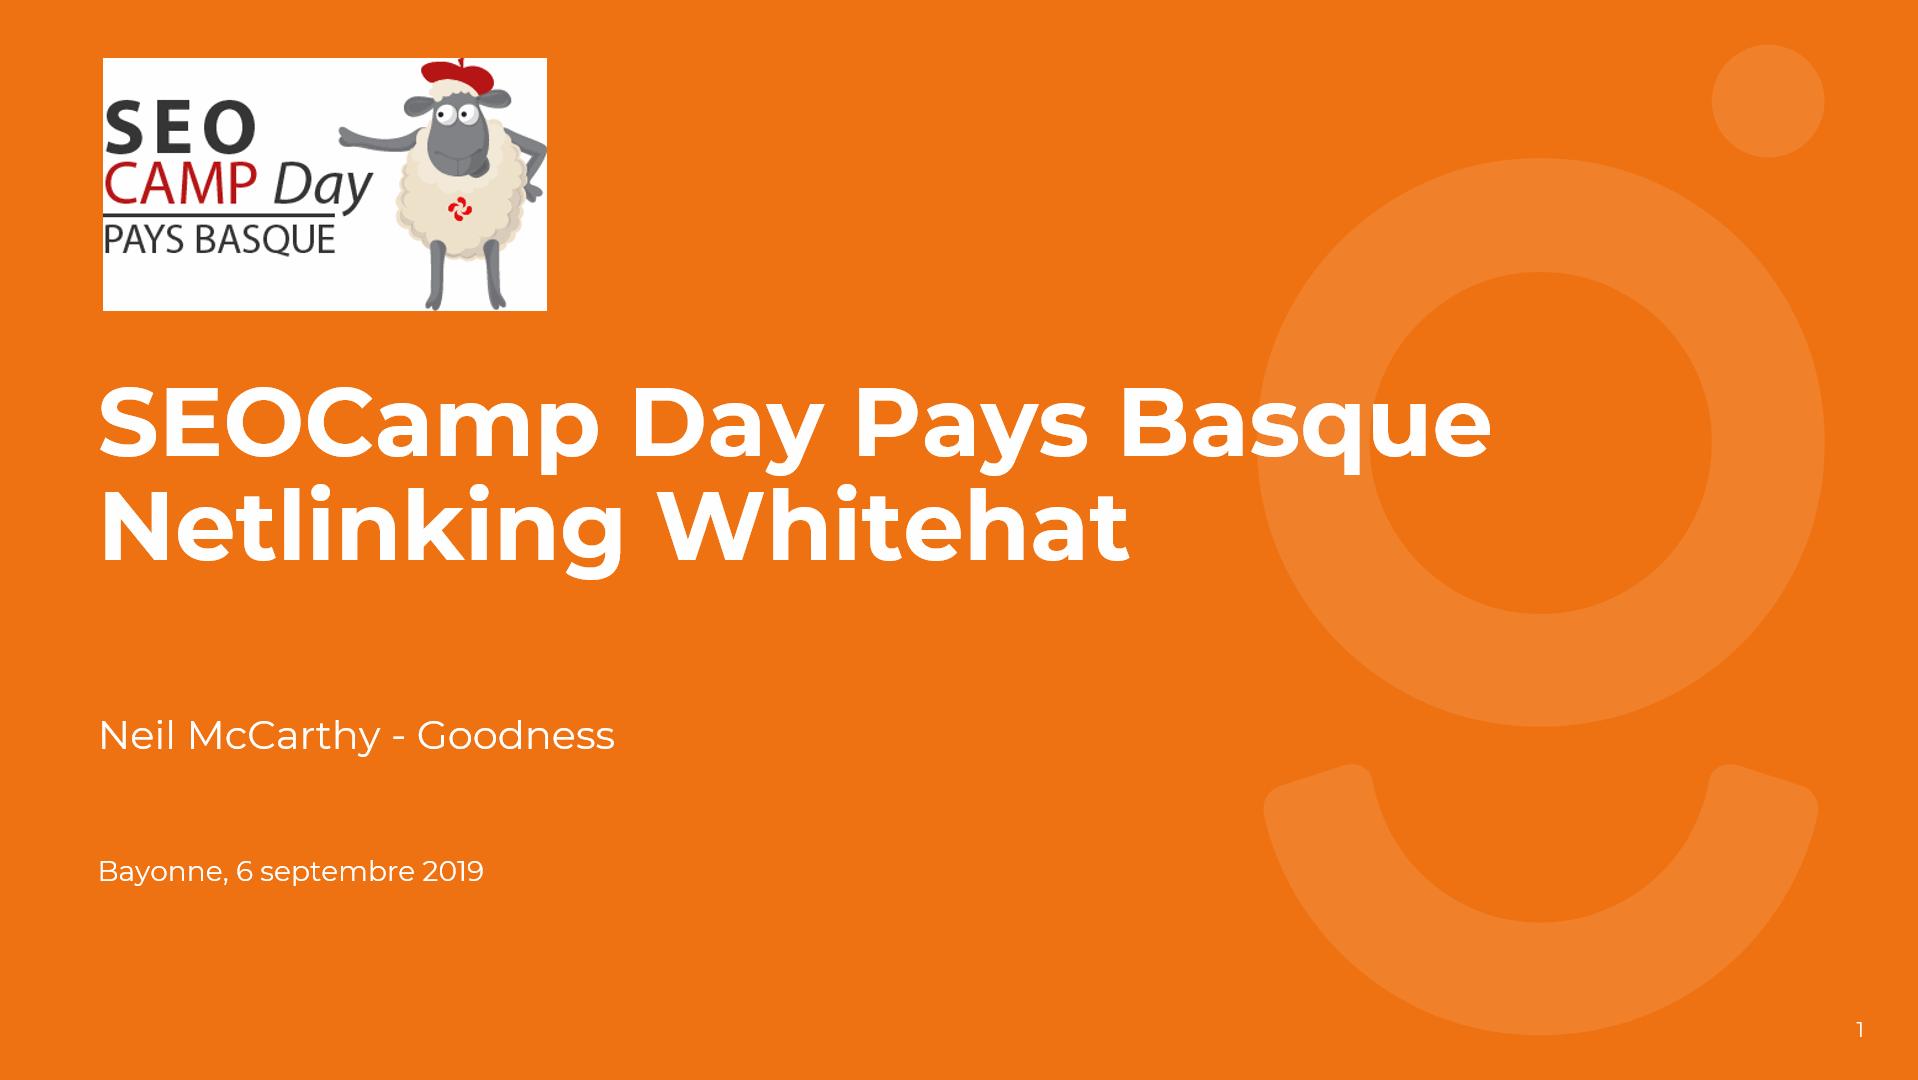 Netlinking Whitehat - conférence par Neil McCarthy @ SEOCamp Day Pays Basque le 6 septembre 2019